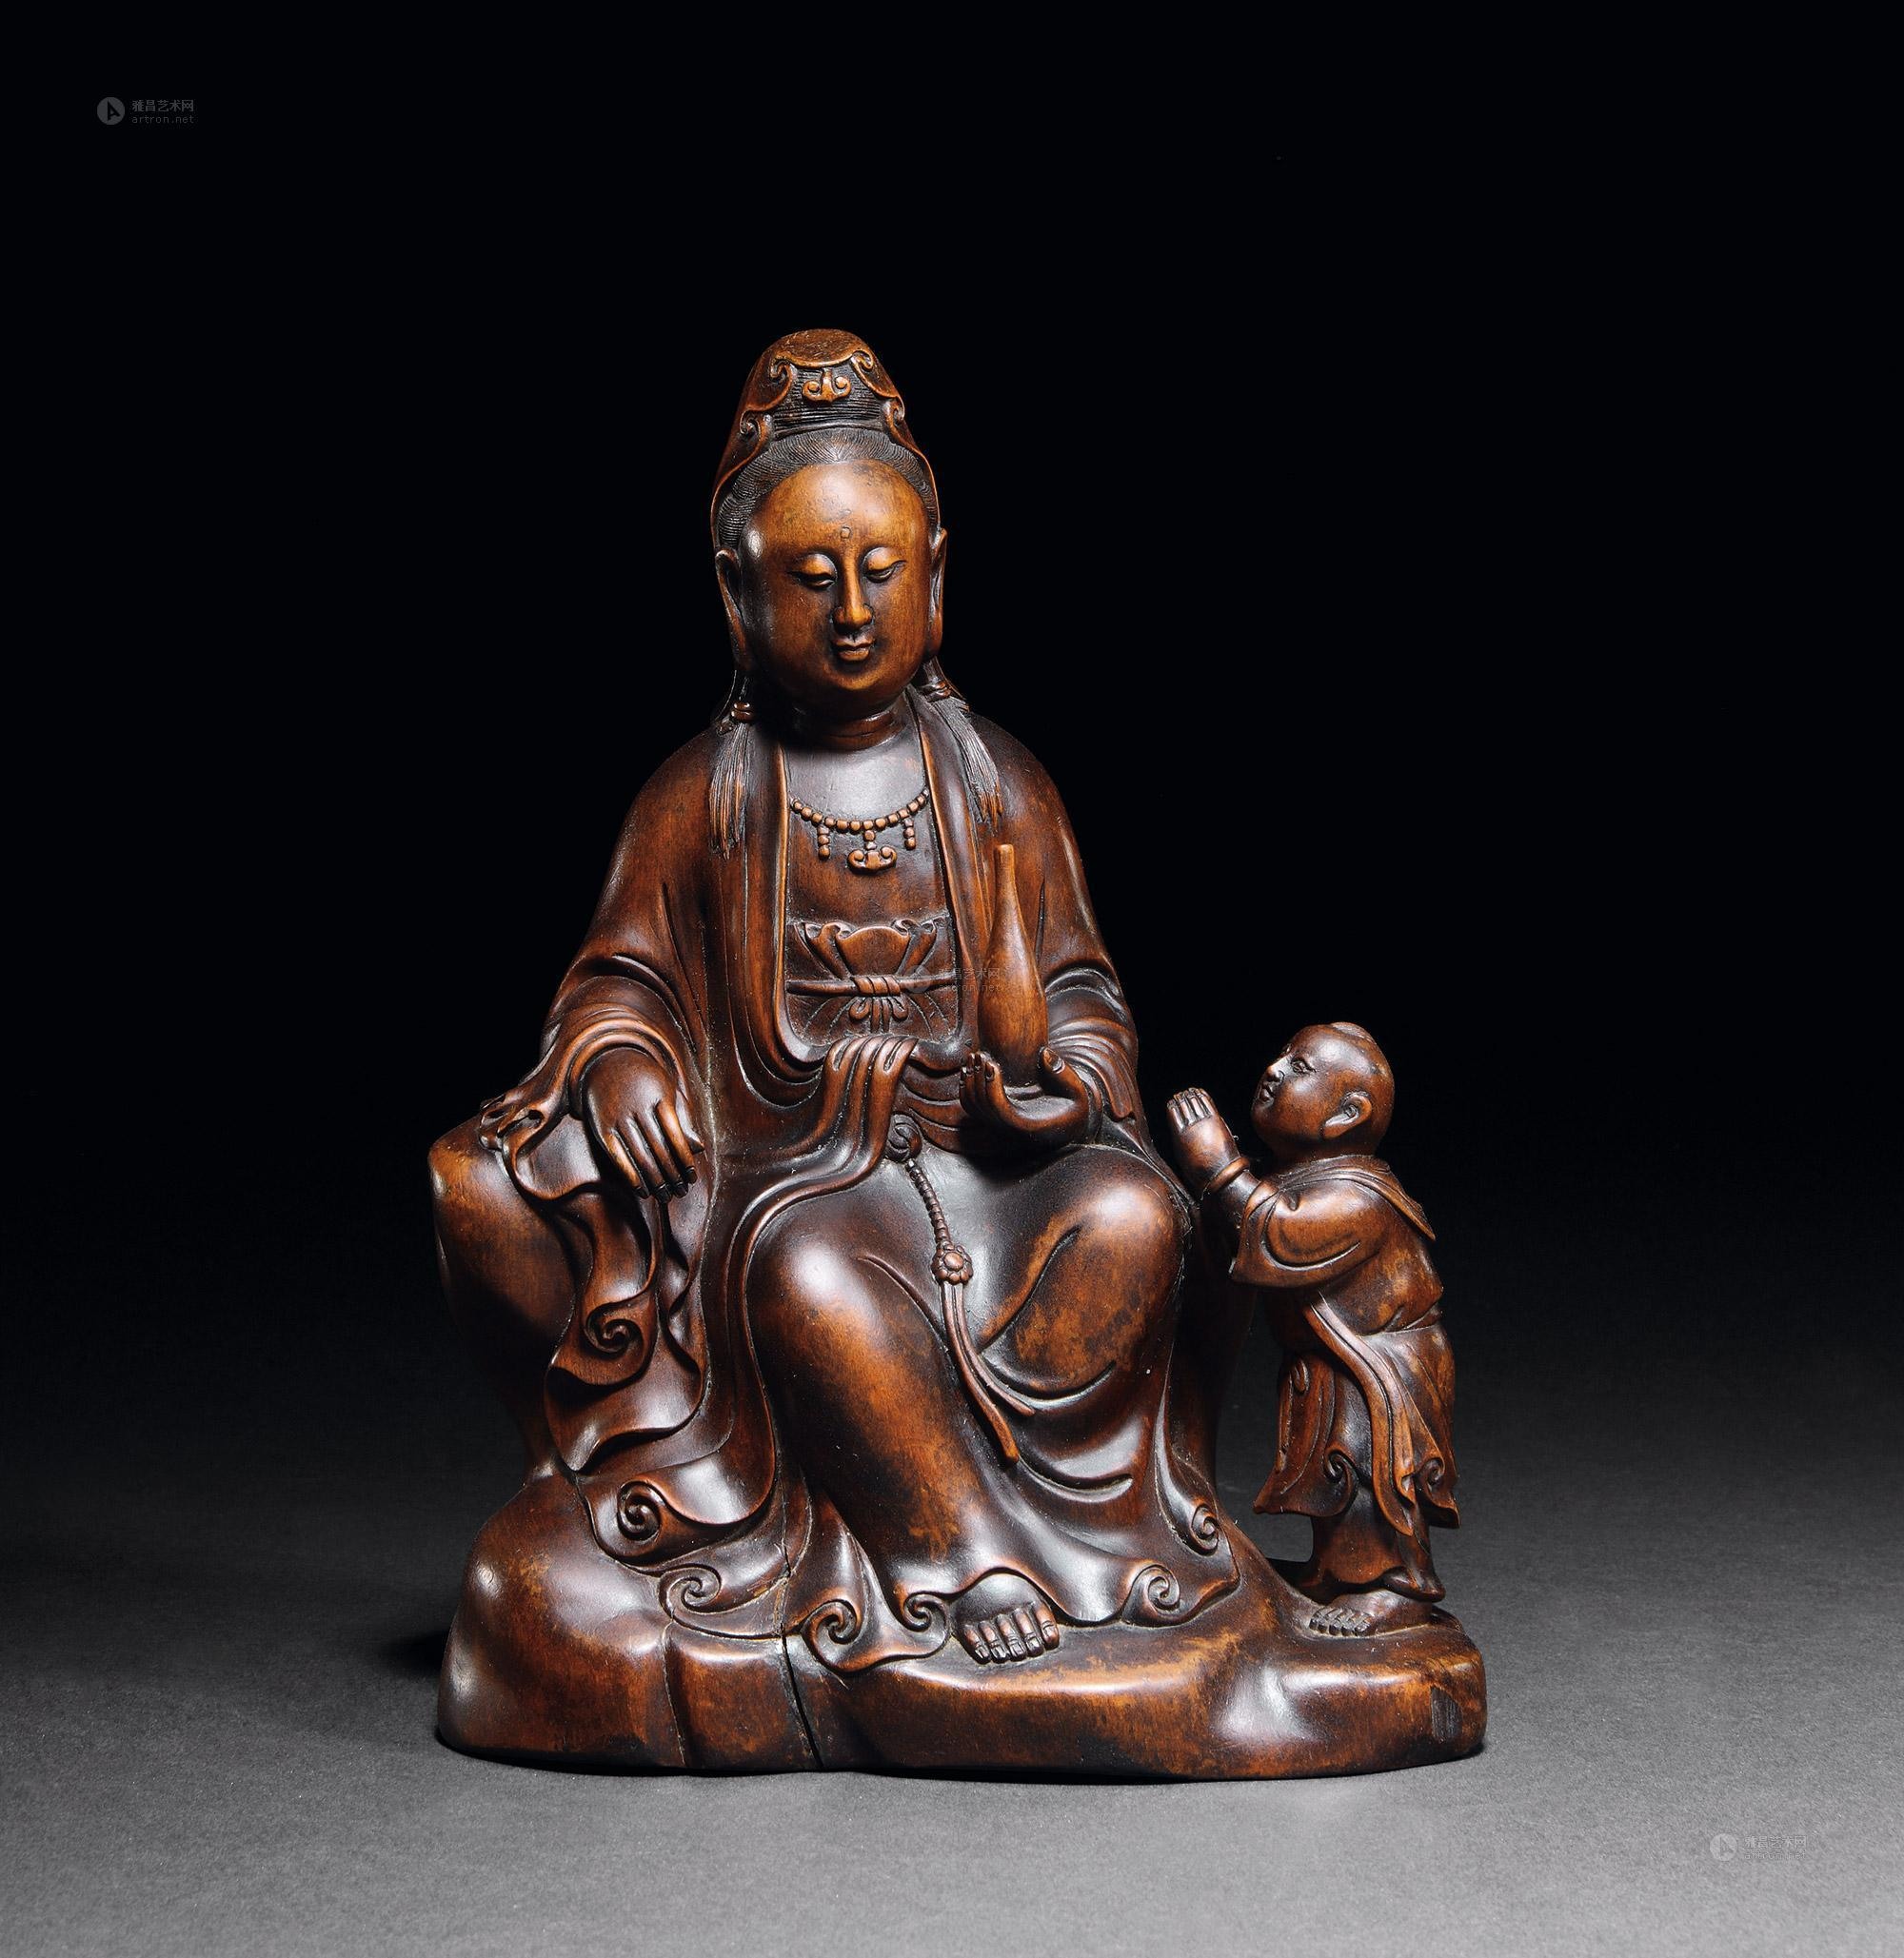 童子拜观音的题材出自《华严经.入法界品》,经中提到善财童子,每次参见善知识和菩萨时都会双手合十,顶礼膜拜。明清时期寺院多奉观音,其观音殿的寺壁常常绘塑跟观音菩萨有关的事迹与传说,其中童子拜观音则是必不可少的。 此尊童子拜观音是典型的明末清初中原风格造型。以黄杨木雕琢而成,木质古朴,色泽文雅,质地细腻,雕刻制品精致圆润。常见的观音菩萨都是亭亭玉立的女性形象,眼前这尊观音菩萨稍有不同,略呈男相。佛经中称其为善男子等等,法力无边,可无量幻化身形,岂只男女。所雕观音法相庄严,大耳垂肩,虽现男相,却同样面容圆润,